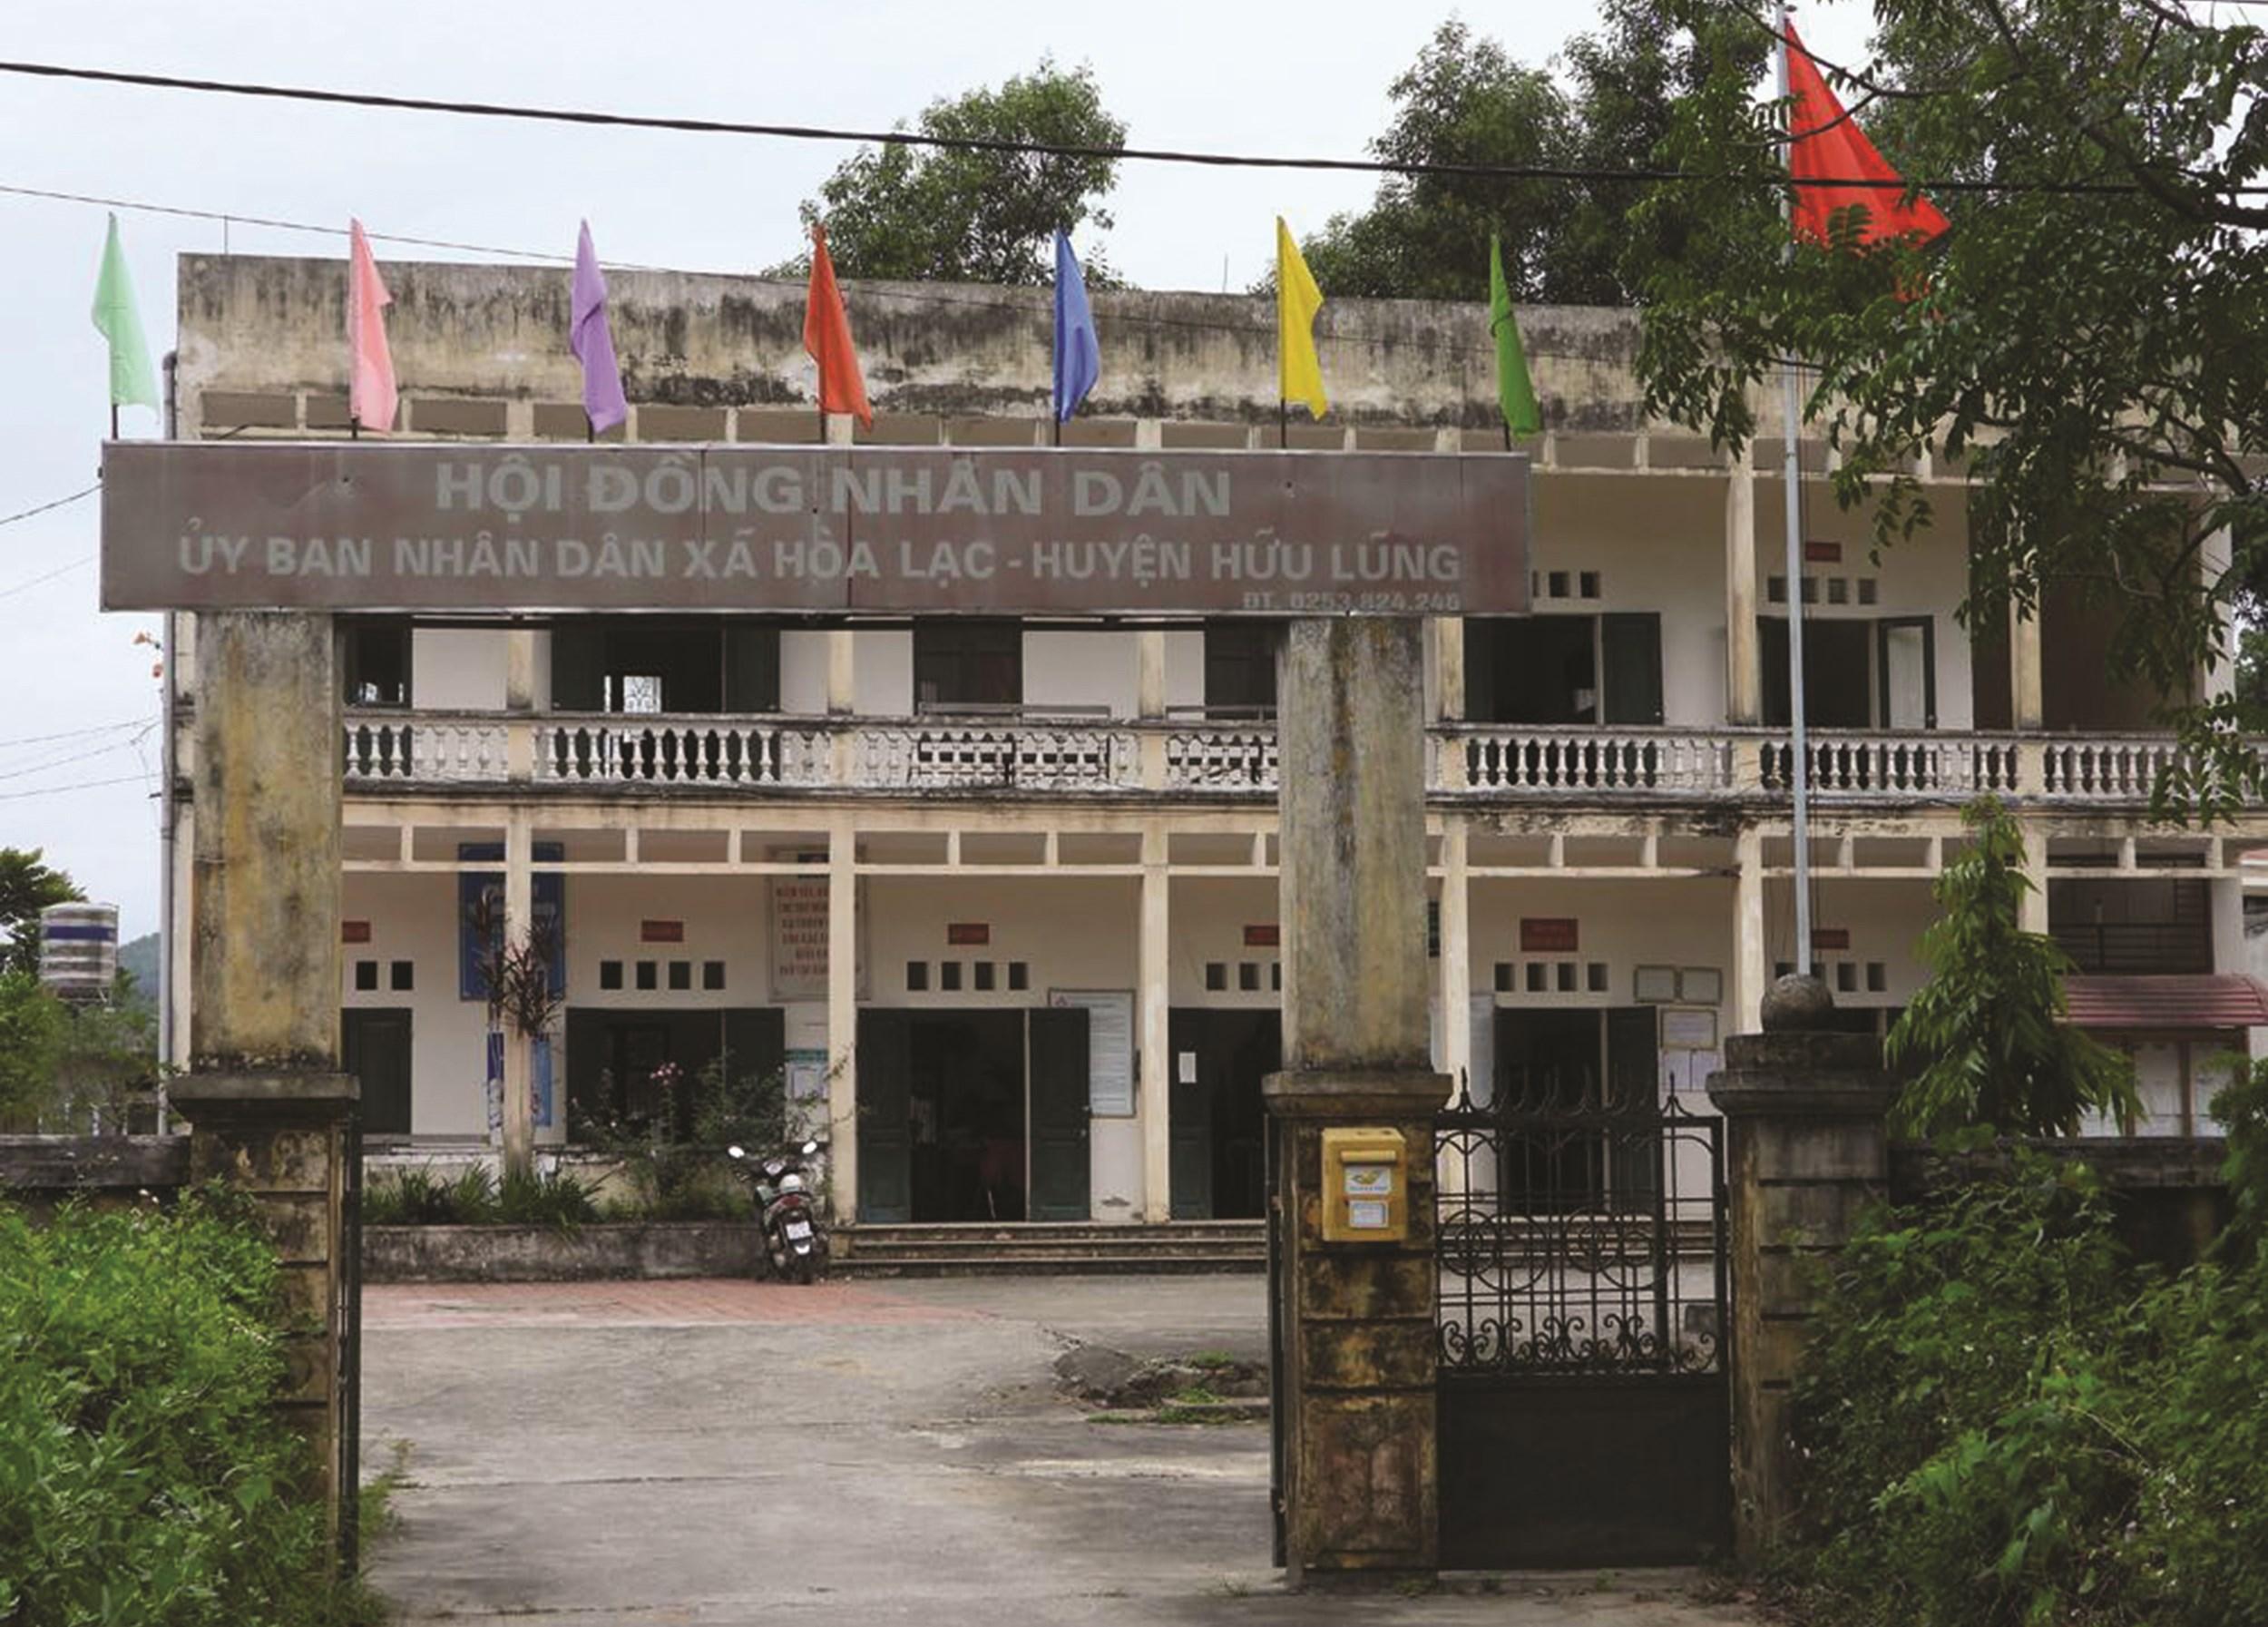 UBND xã Hòa Lạc, nơi xảy ra vụ việc